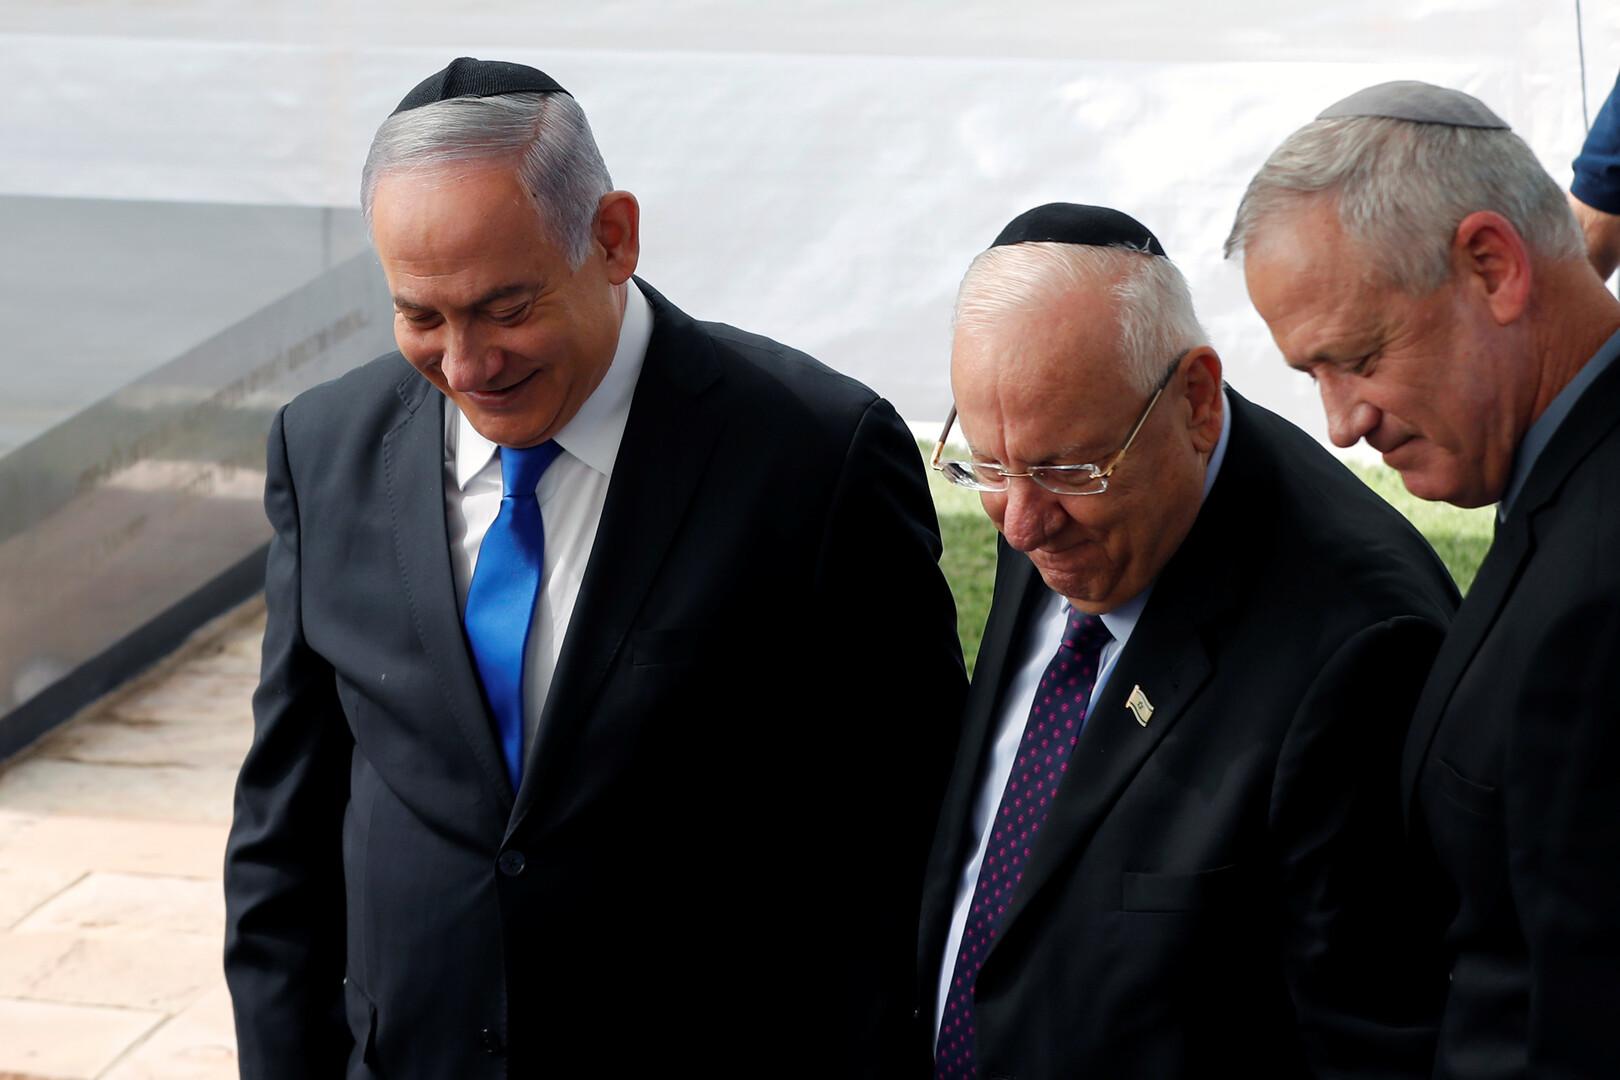 رئيس إسرائيل يحاول تفادي تنظيم انتخابات ثالثة